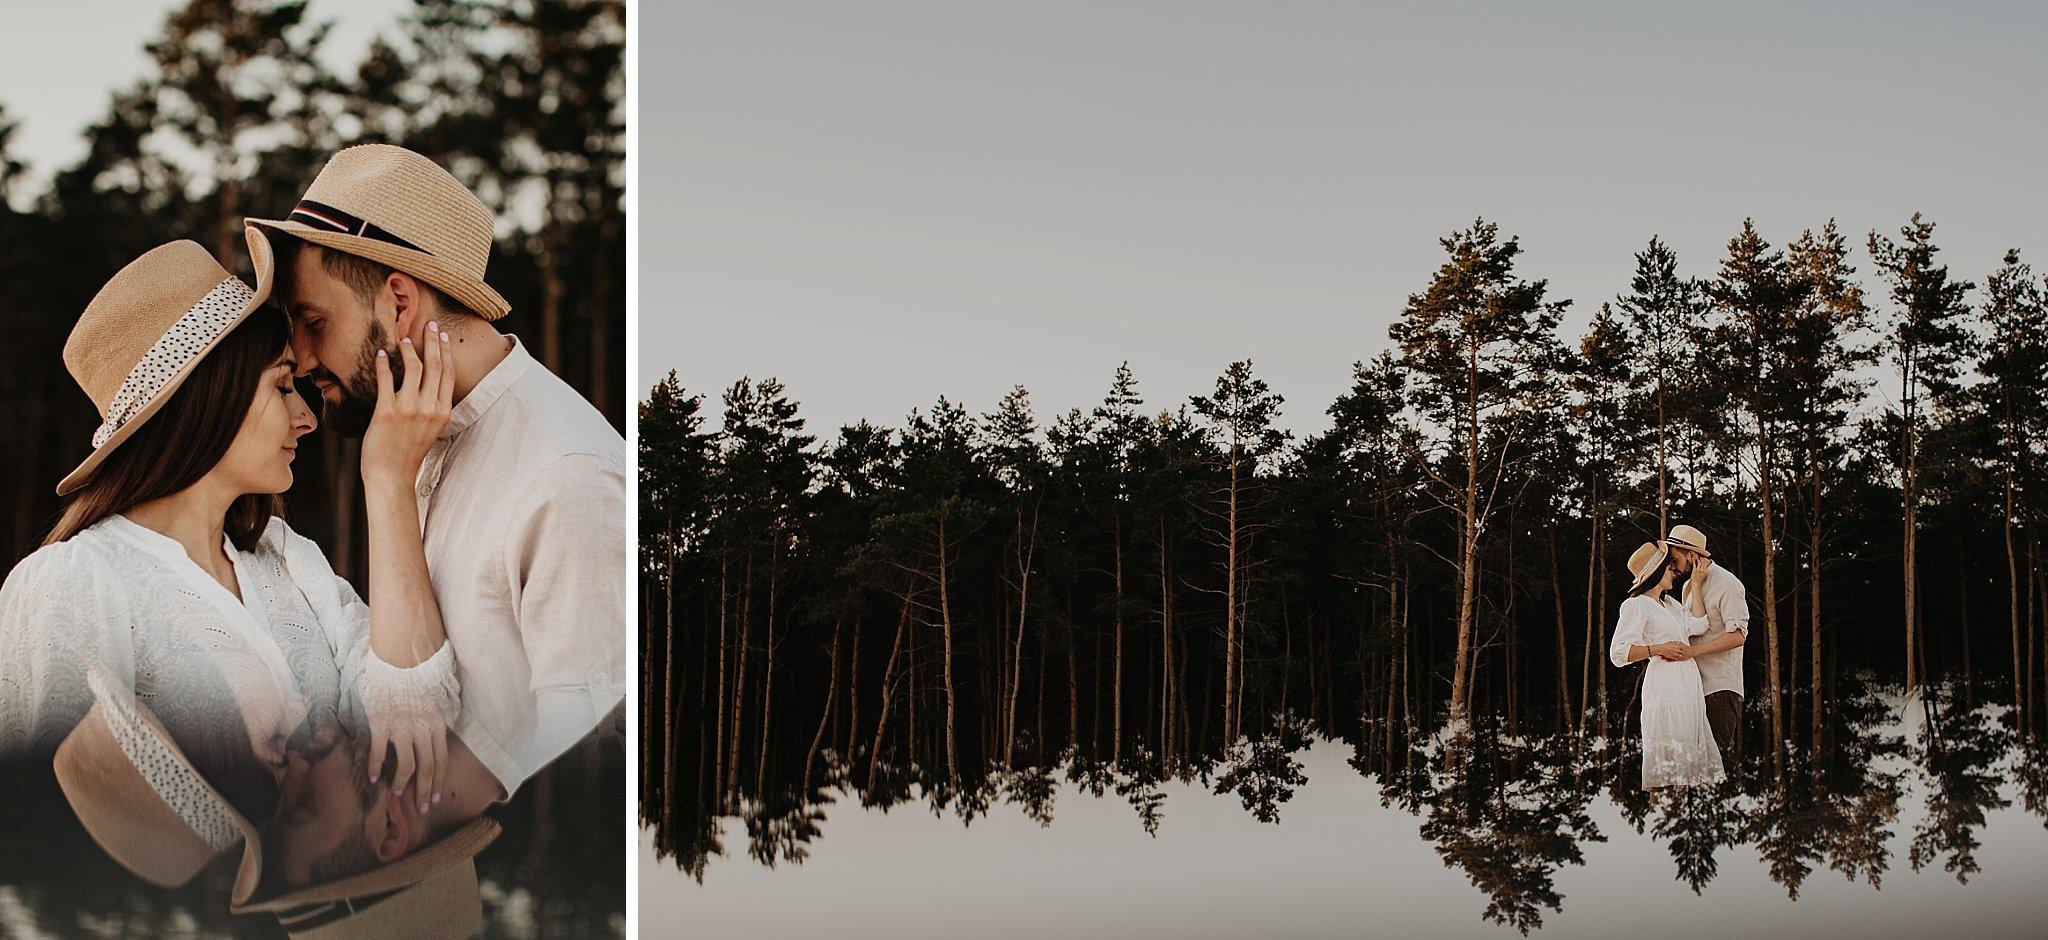 piekna sesja narzeczenska rustykalna romantyczna sesja na pustyni sesja zdjeciowa poznan krugphotography fotograf slubny z poznania fotografia slubna poznan 6800